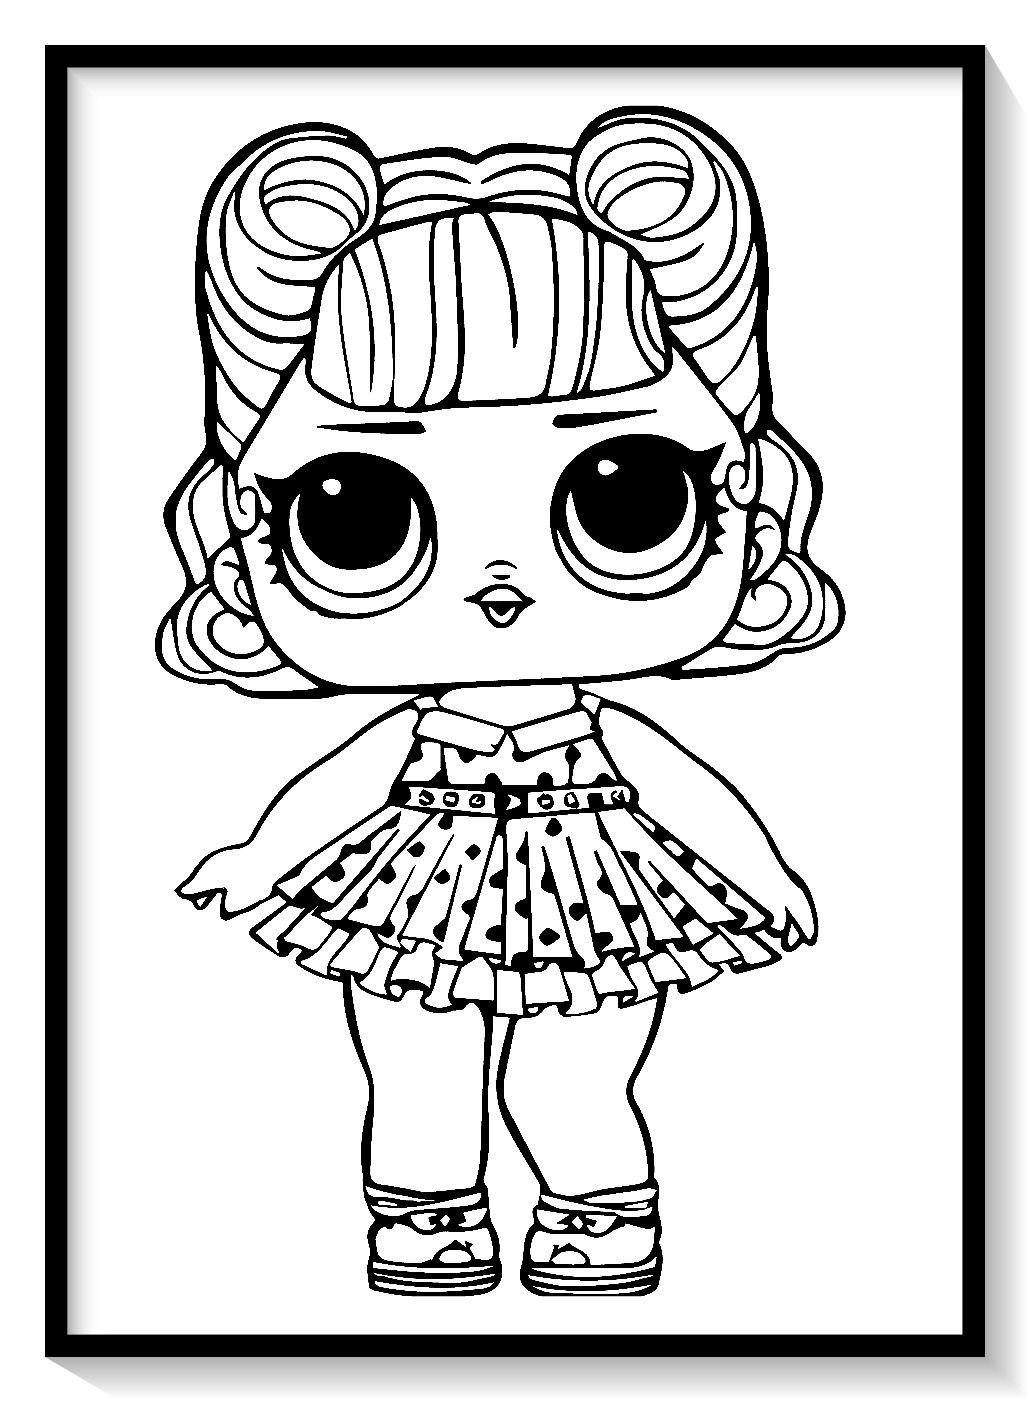 Munecas Lol Para Colorear Online Dibujar Y Pintar Munecas Lol Imprimir Image Dibujos Para Colorear Gratis Munecas Lol Imprimir Dibujos Para Colorear